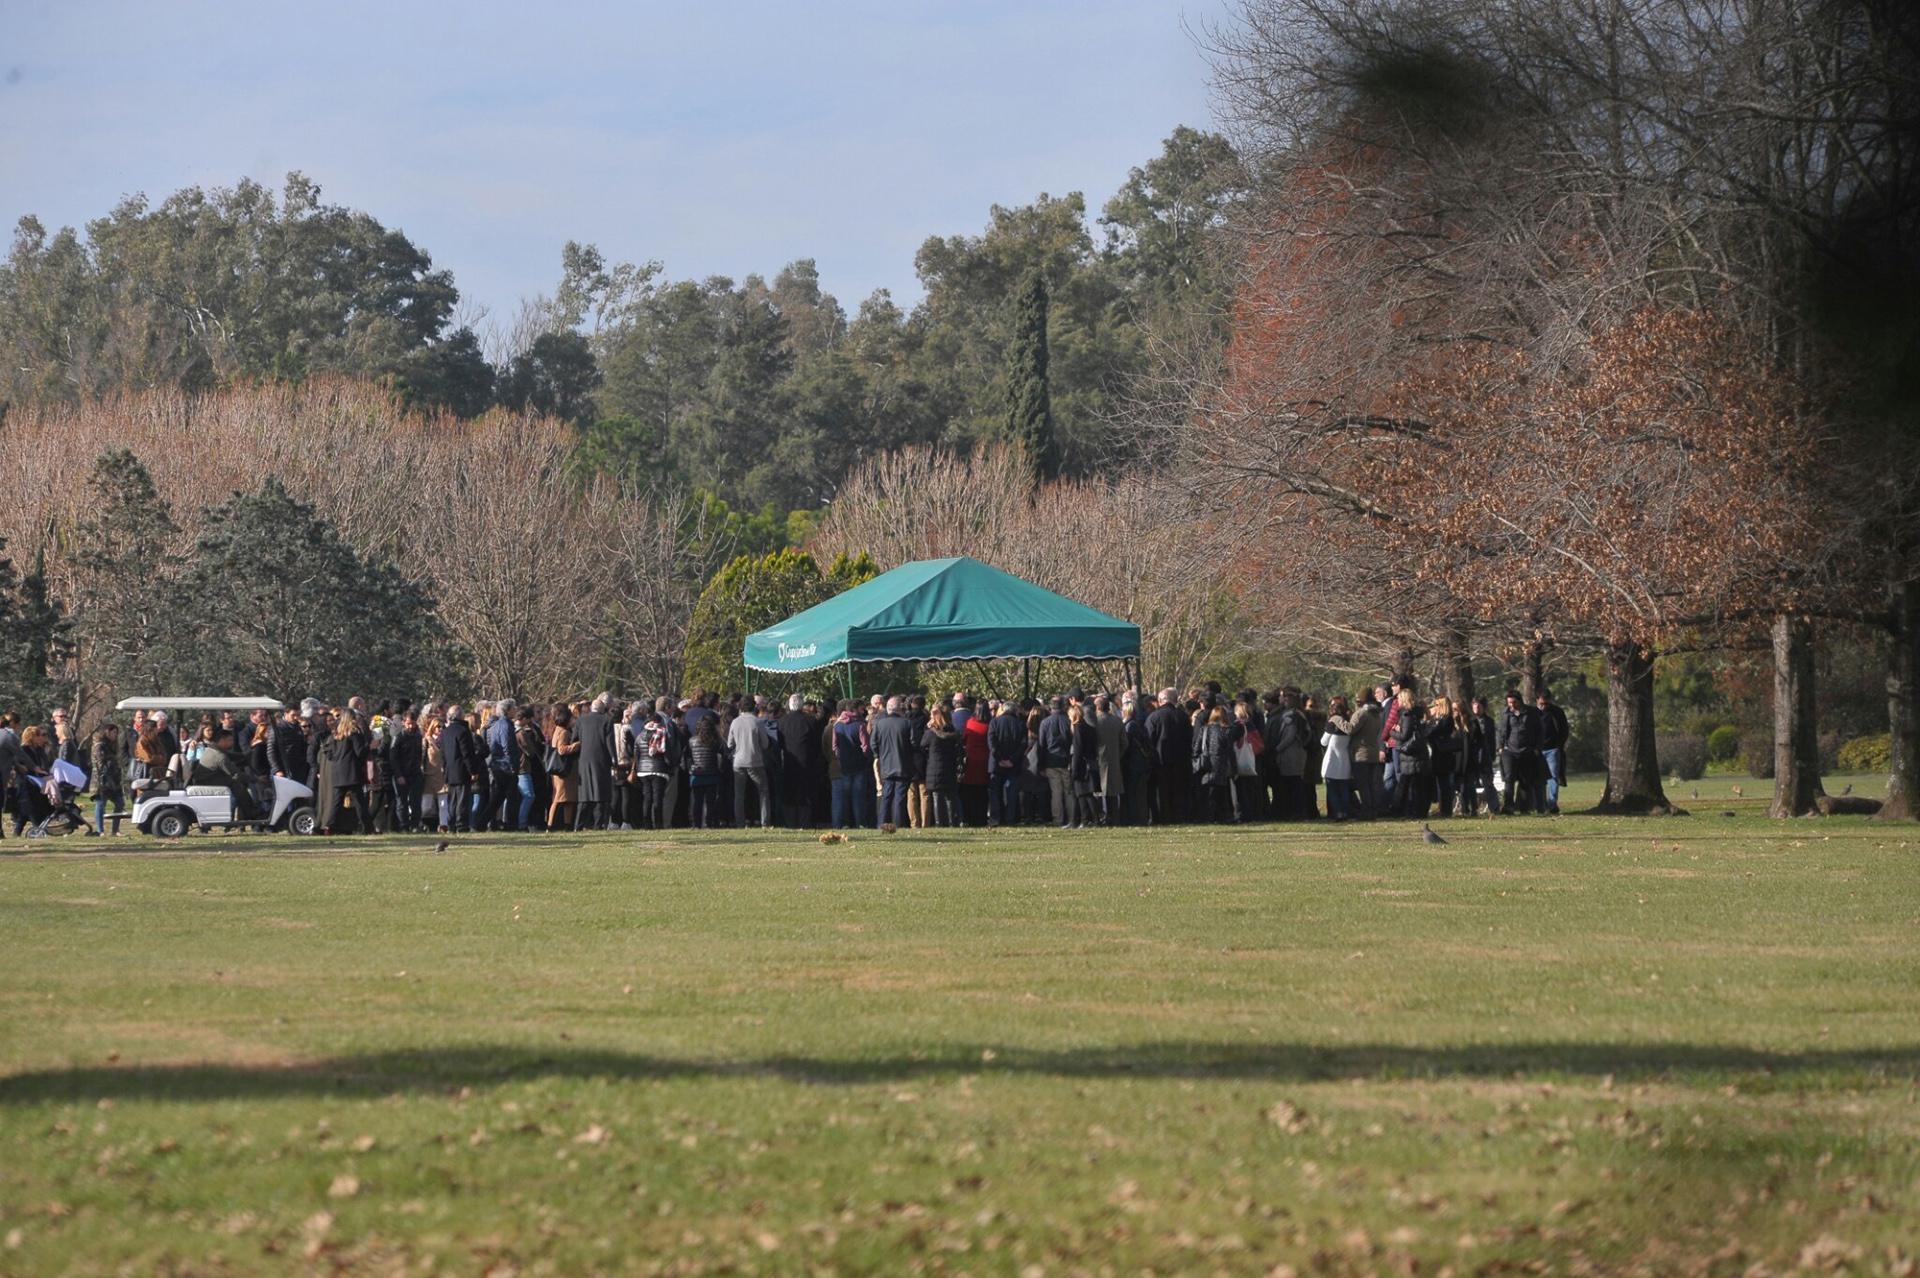 Se instaló un gazebo en la parcela F del cementerio donde se llevó a cabo una ceremonia religiosa